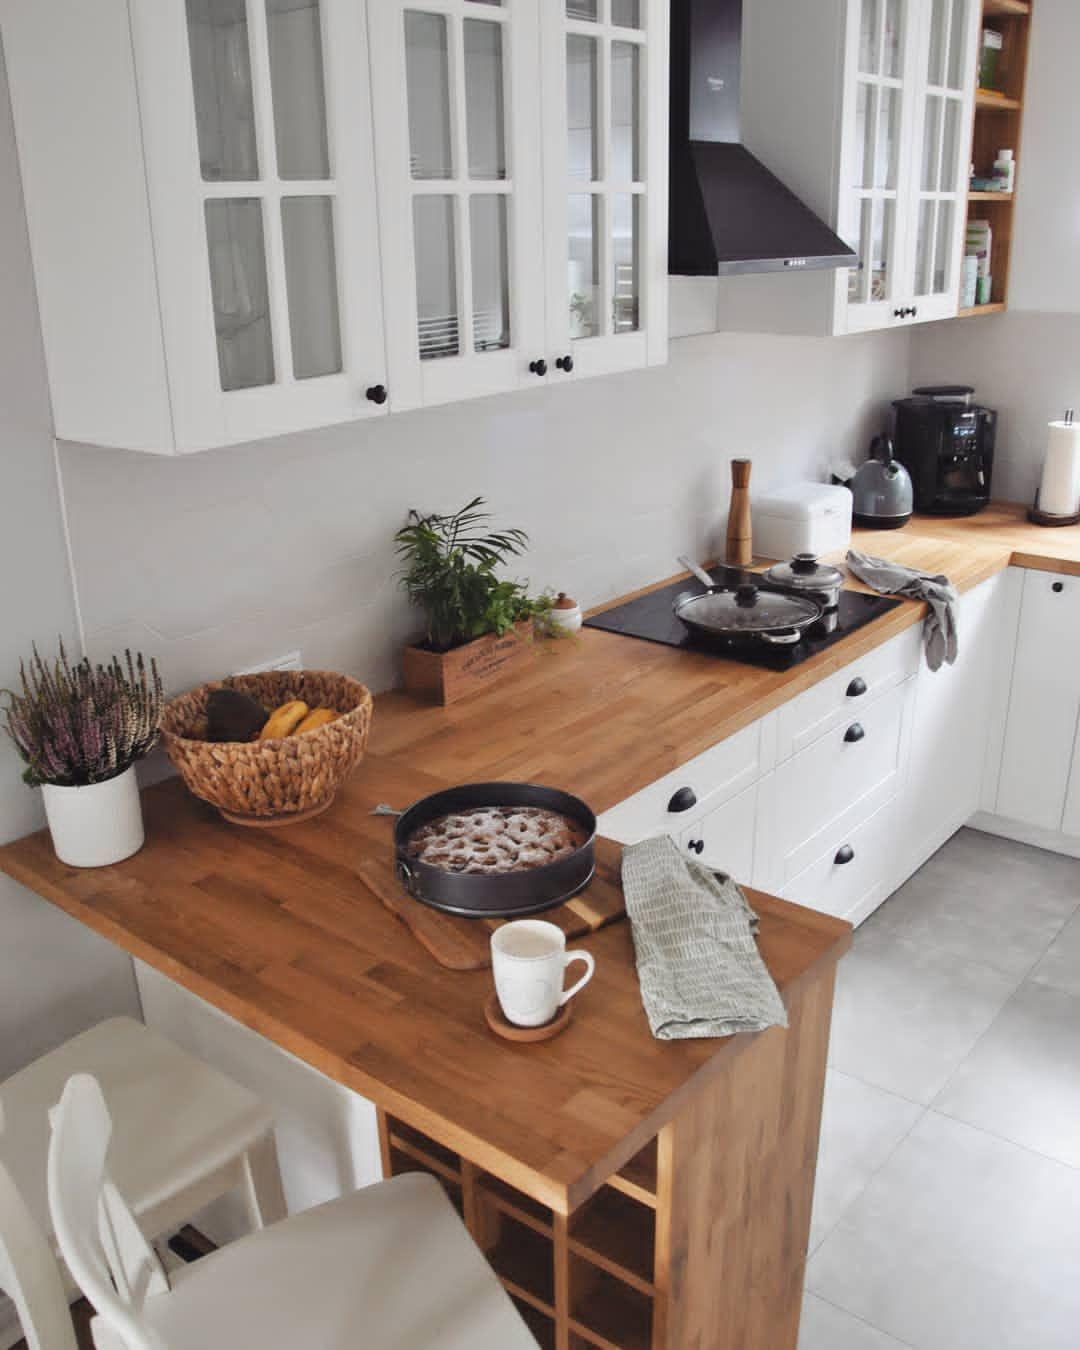 Amenagement cuisine, Cuisines maison, Idée déco cuisine